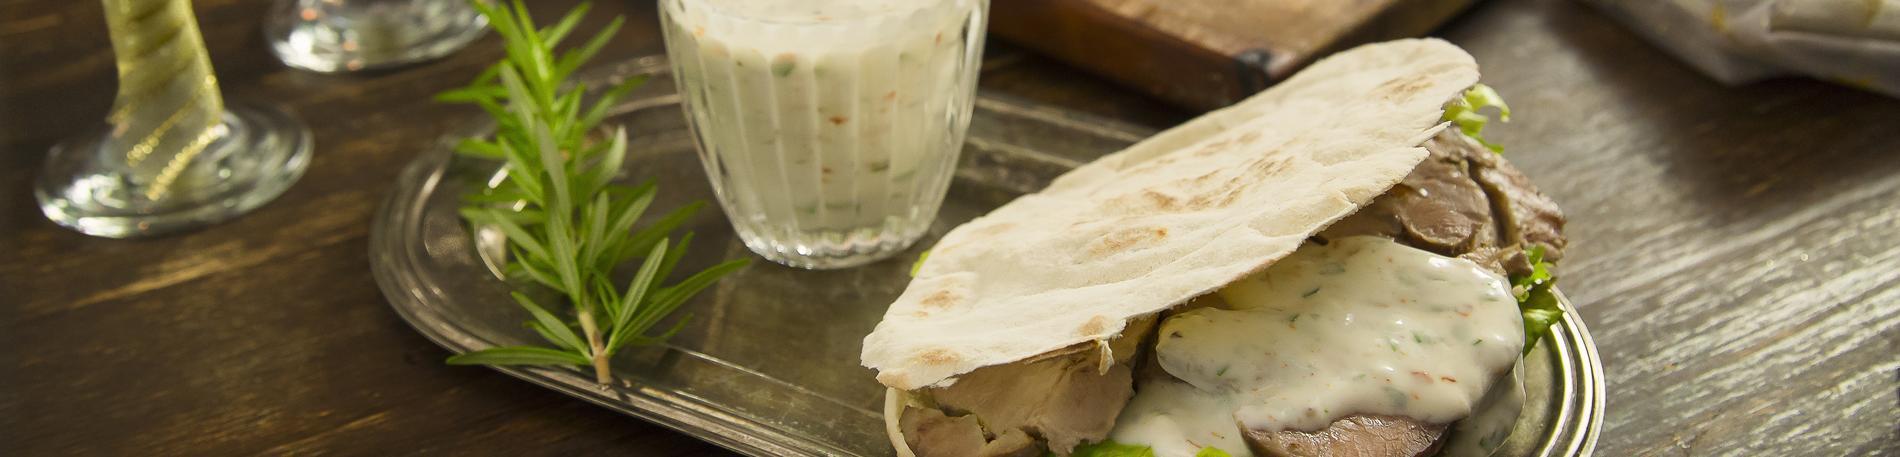 Kebabs de bondiola de cerdo ahumada